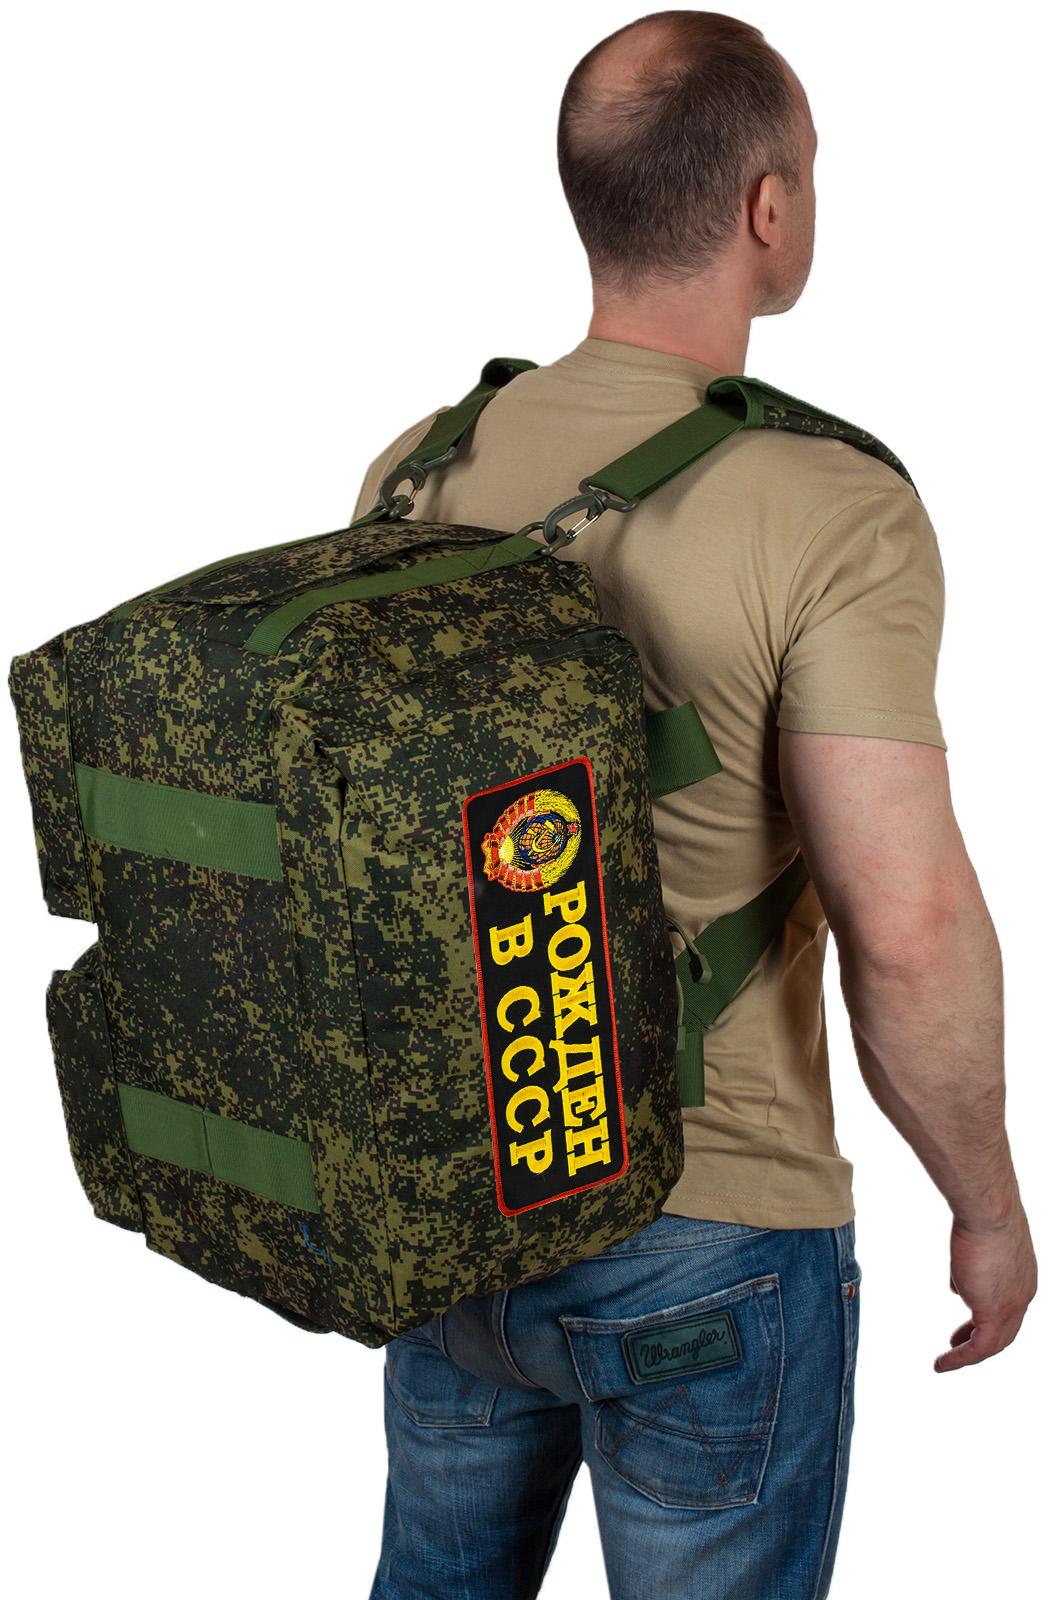 Купить практичную тактическую сумку с нашивкой Рожден в СССР с доставкой онлайн